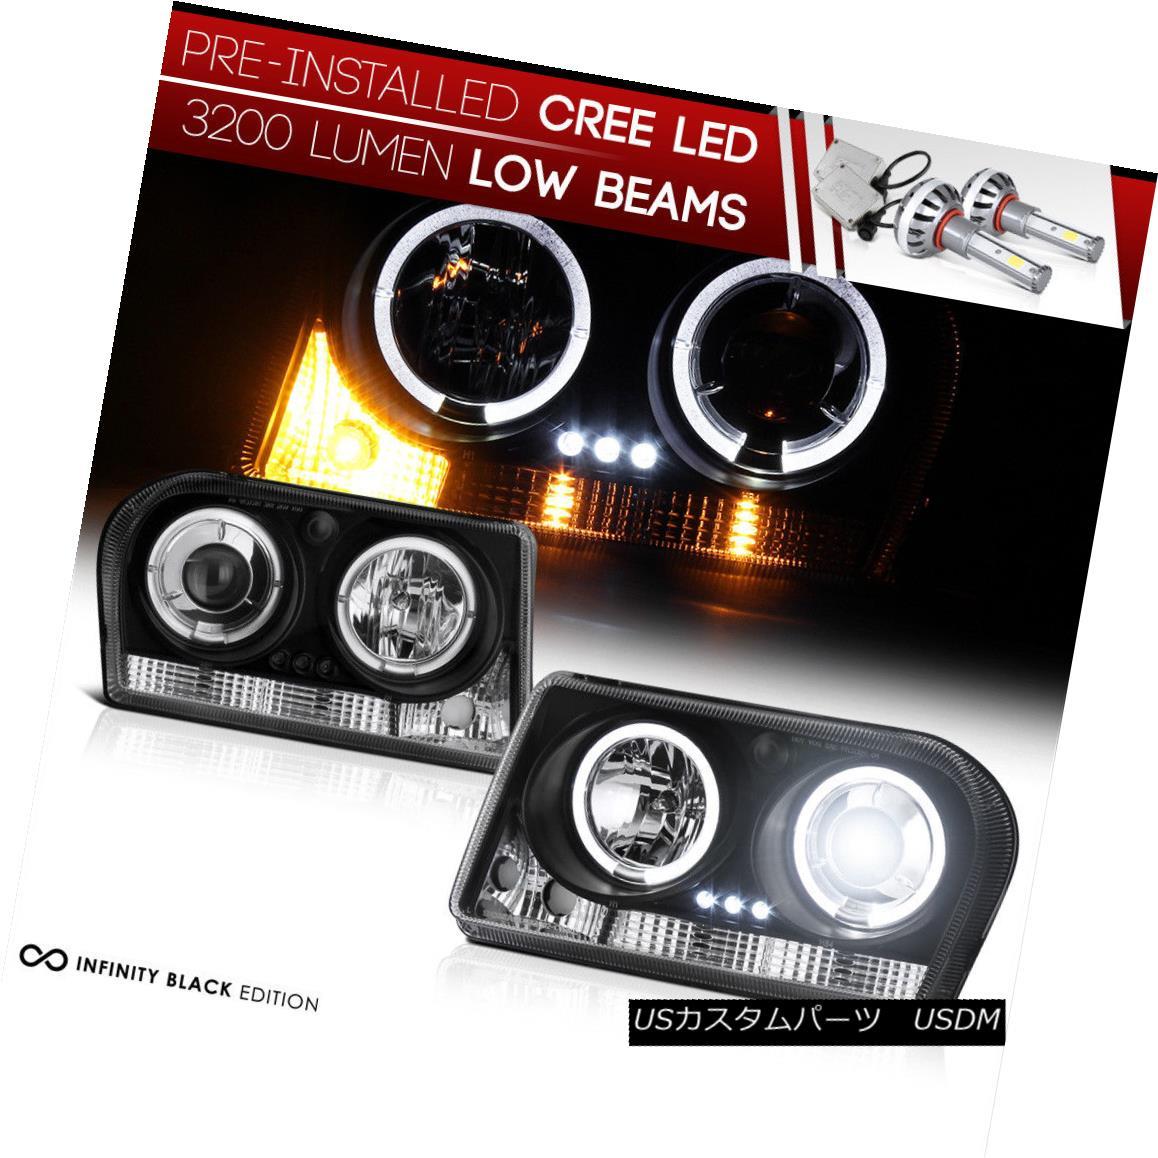 ヘッドライト INTEGRATED LED LOW BEAM 2005-2010 Chrysler 300 HALO ANGEL EYE LED Headlight PAIR インテグレーテッドLEDロービーム2005-2010クライスラー300ハローエンジェルアイLEDヘッドライトペアー